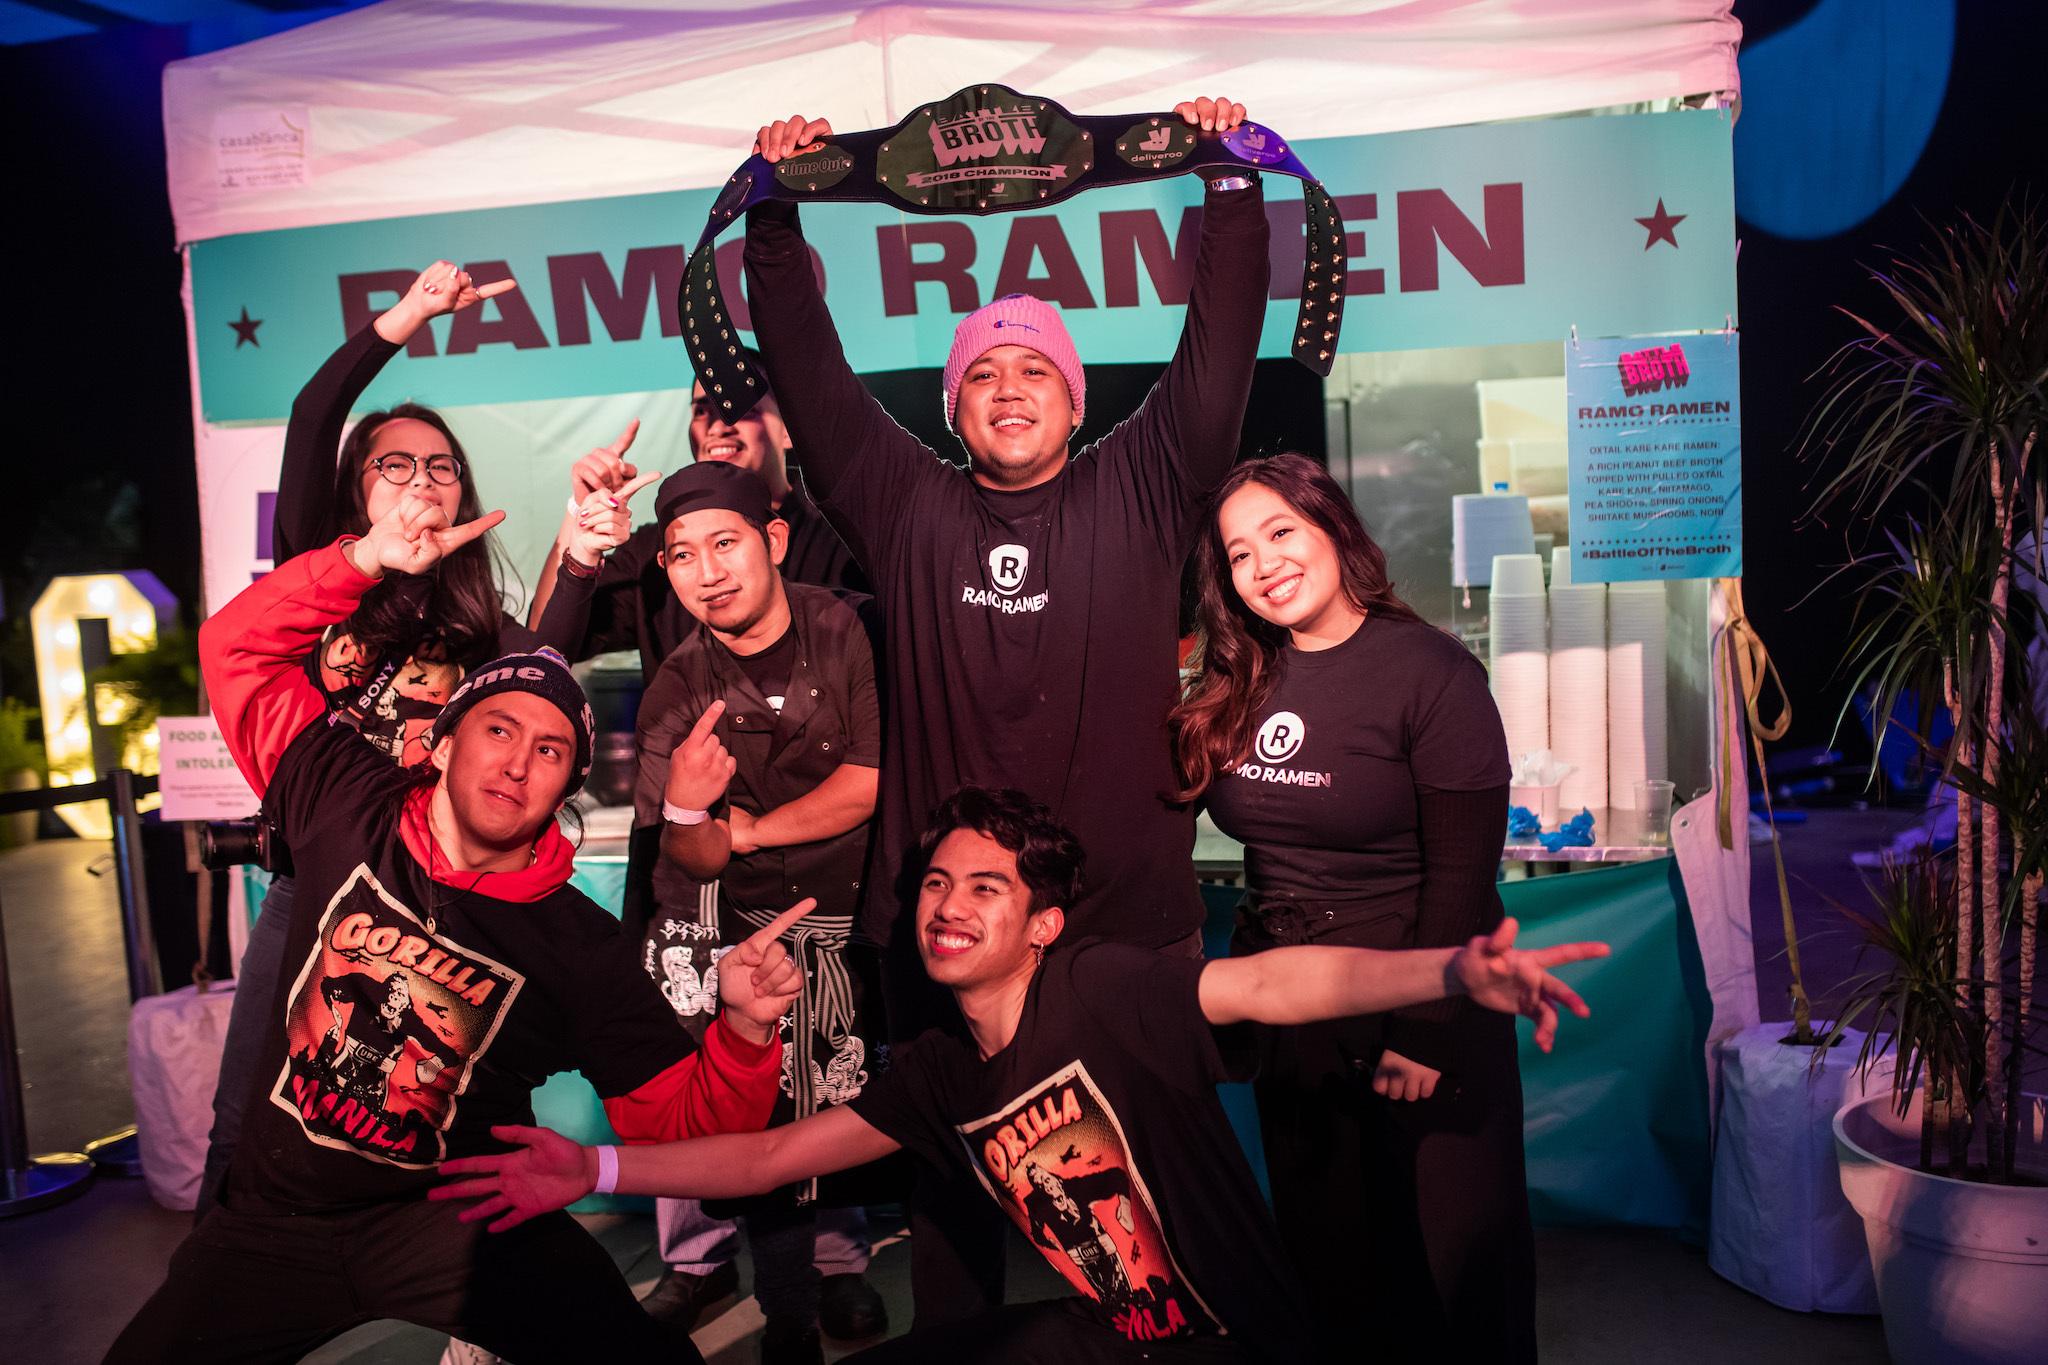 ramoramen-champion-best-ramen-in-london.jpg